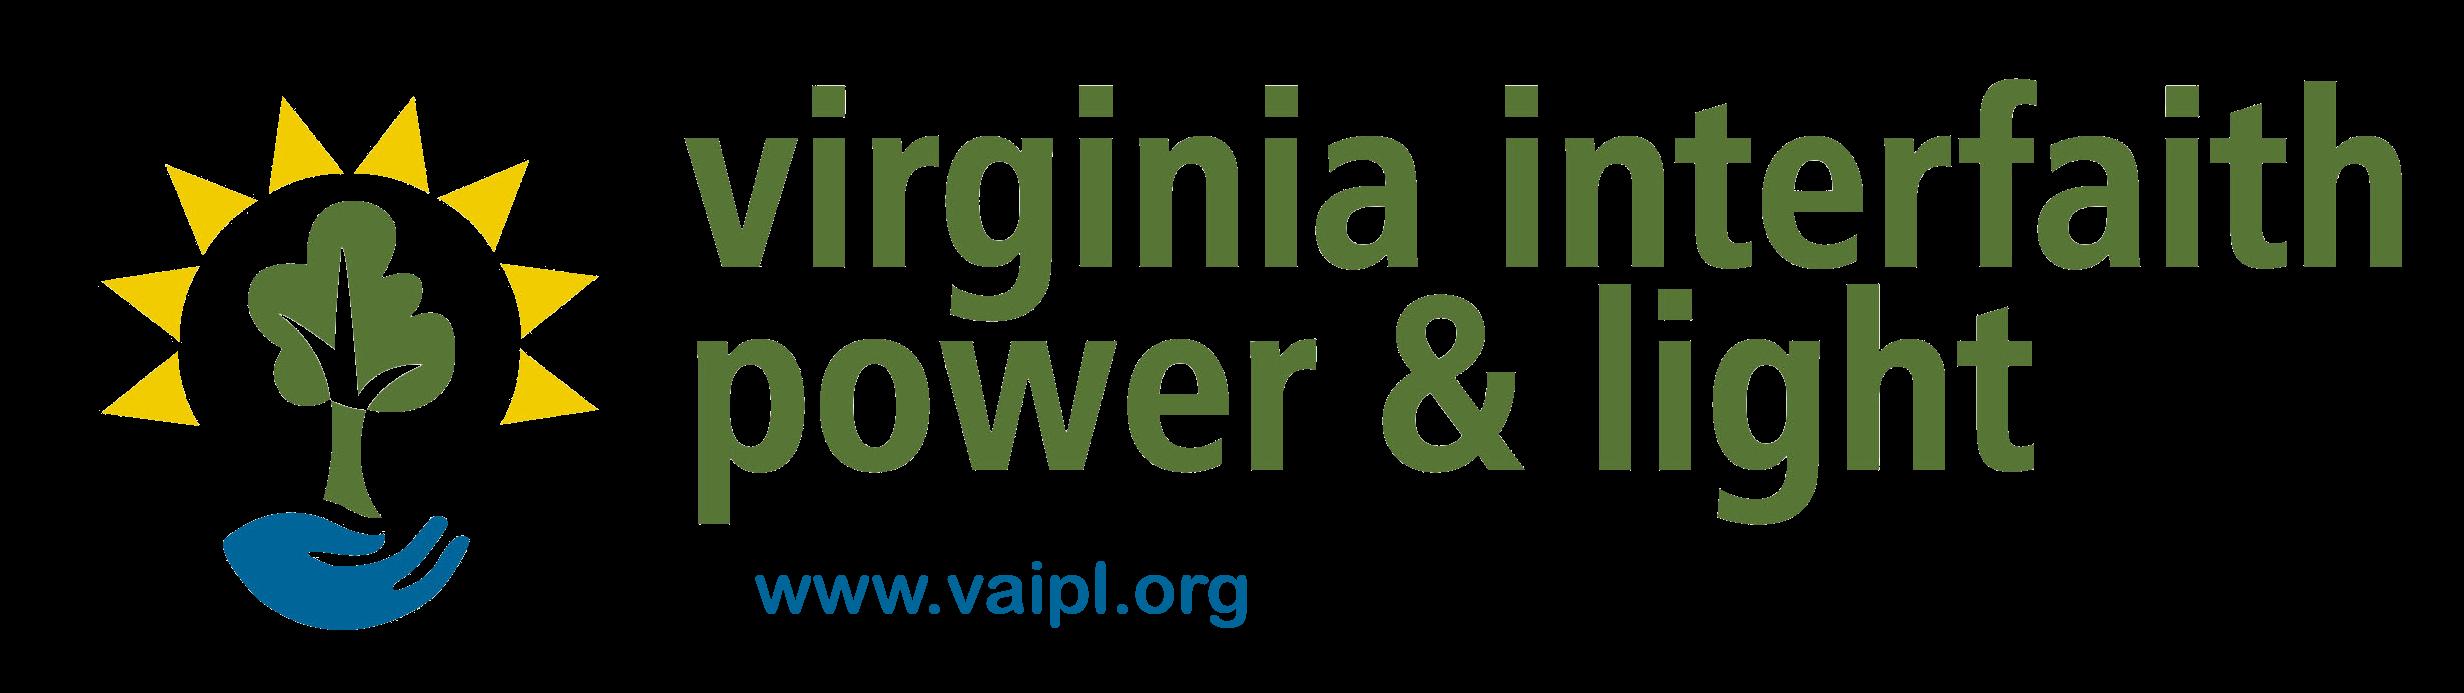 VAIPL_full_logo.png